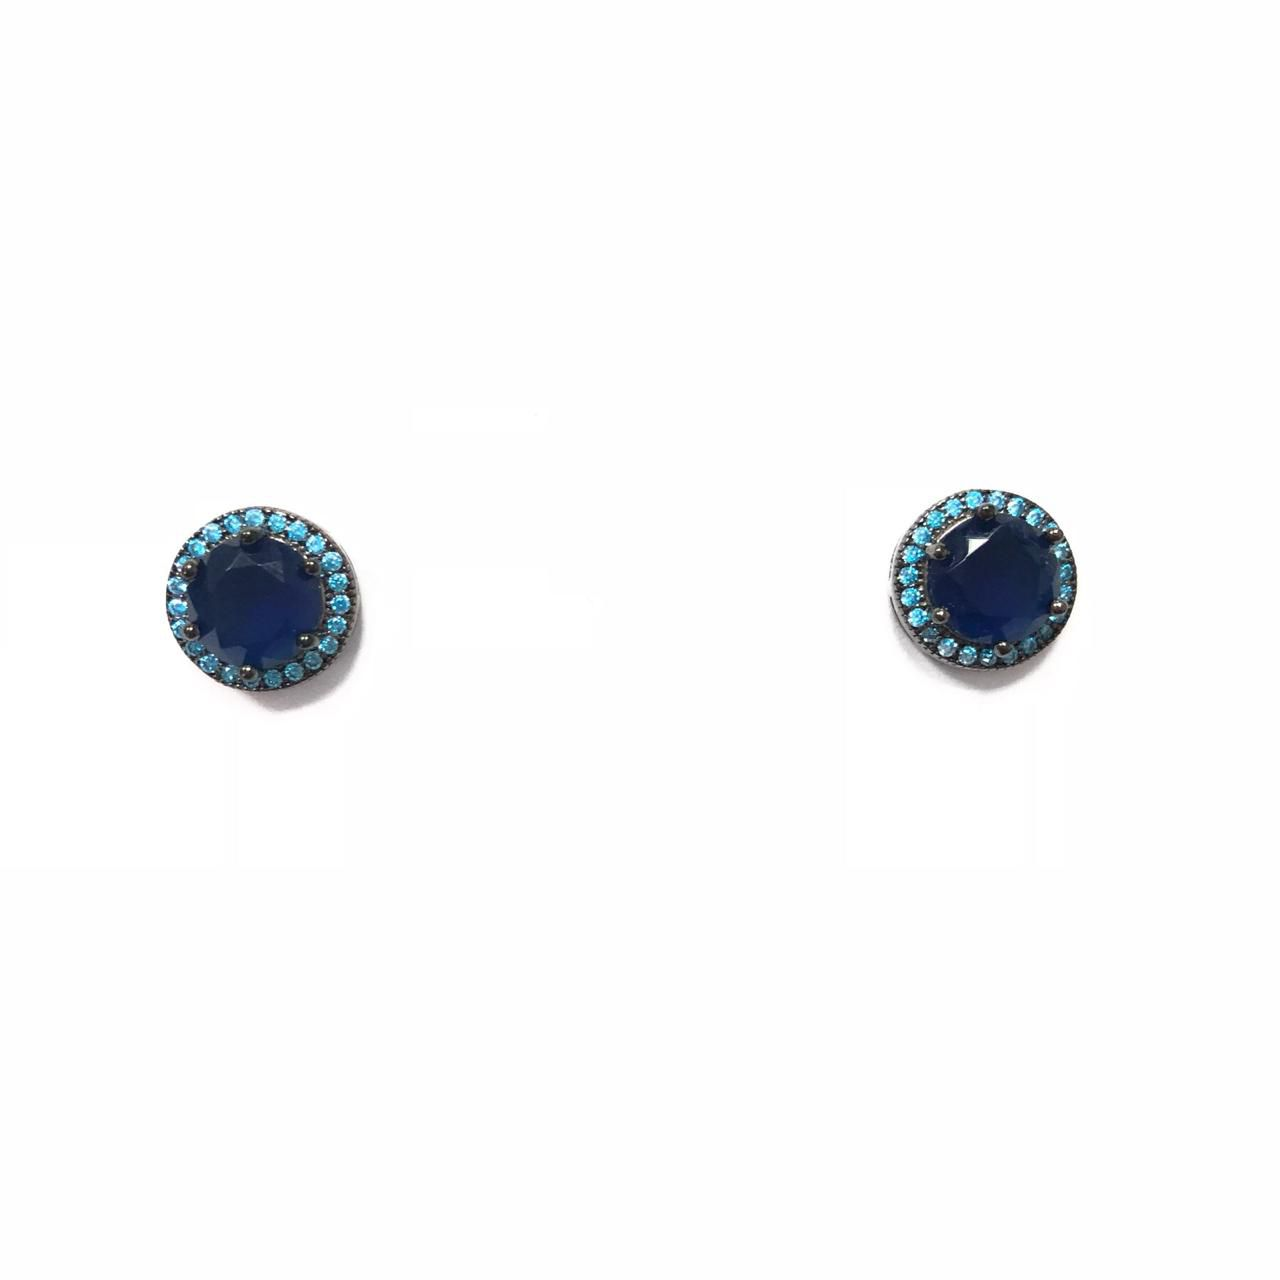 Brinco Redondo em Prata 925 com  Zircônia Azul Banho em Ródio Negro